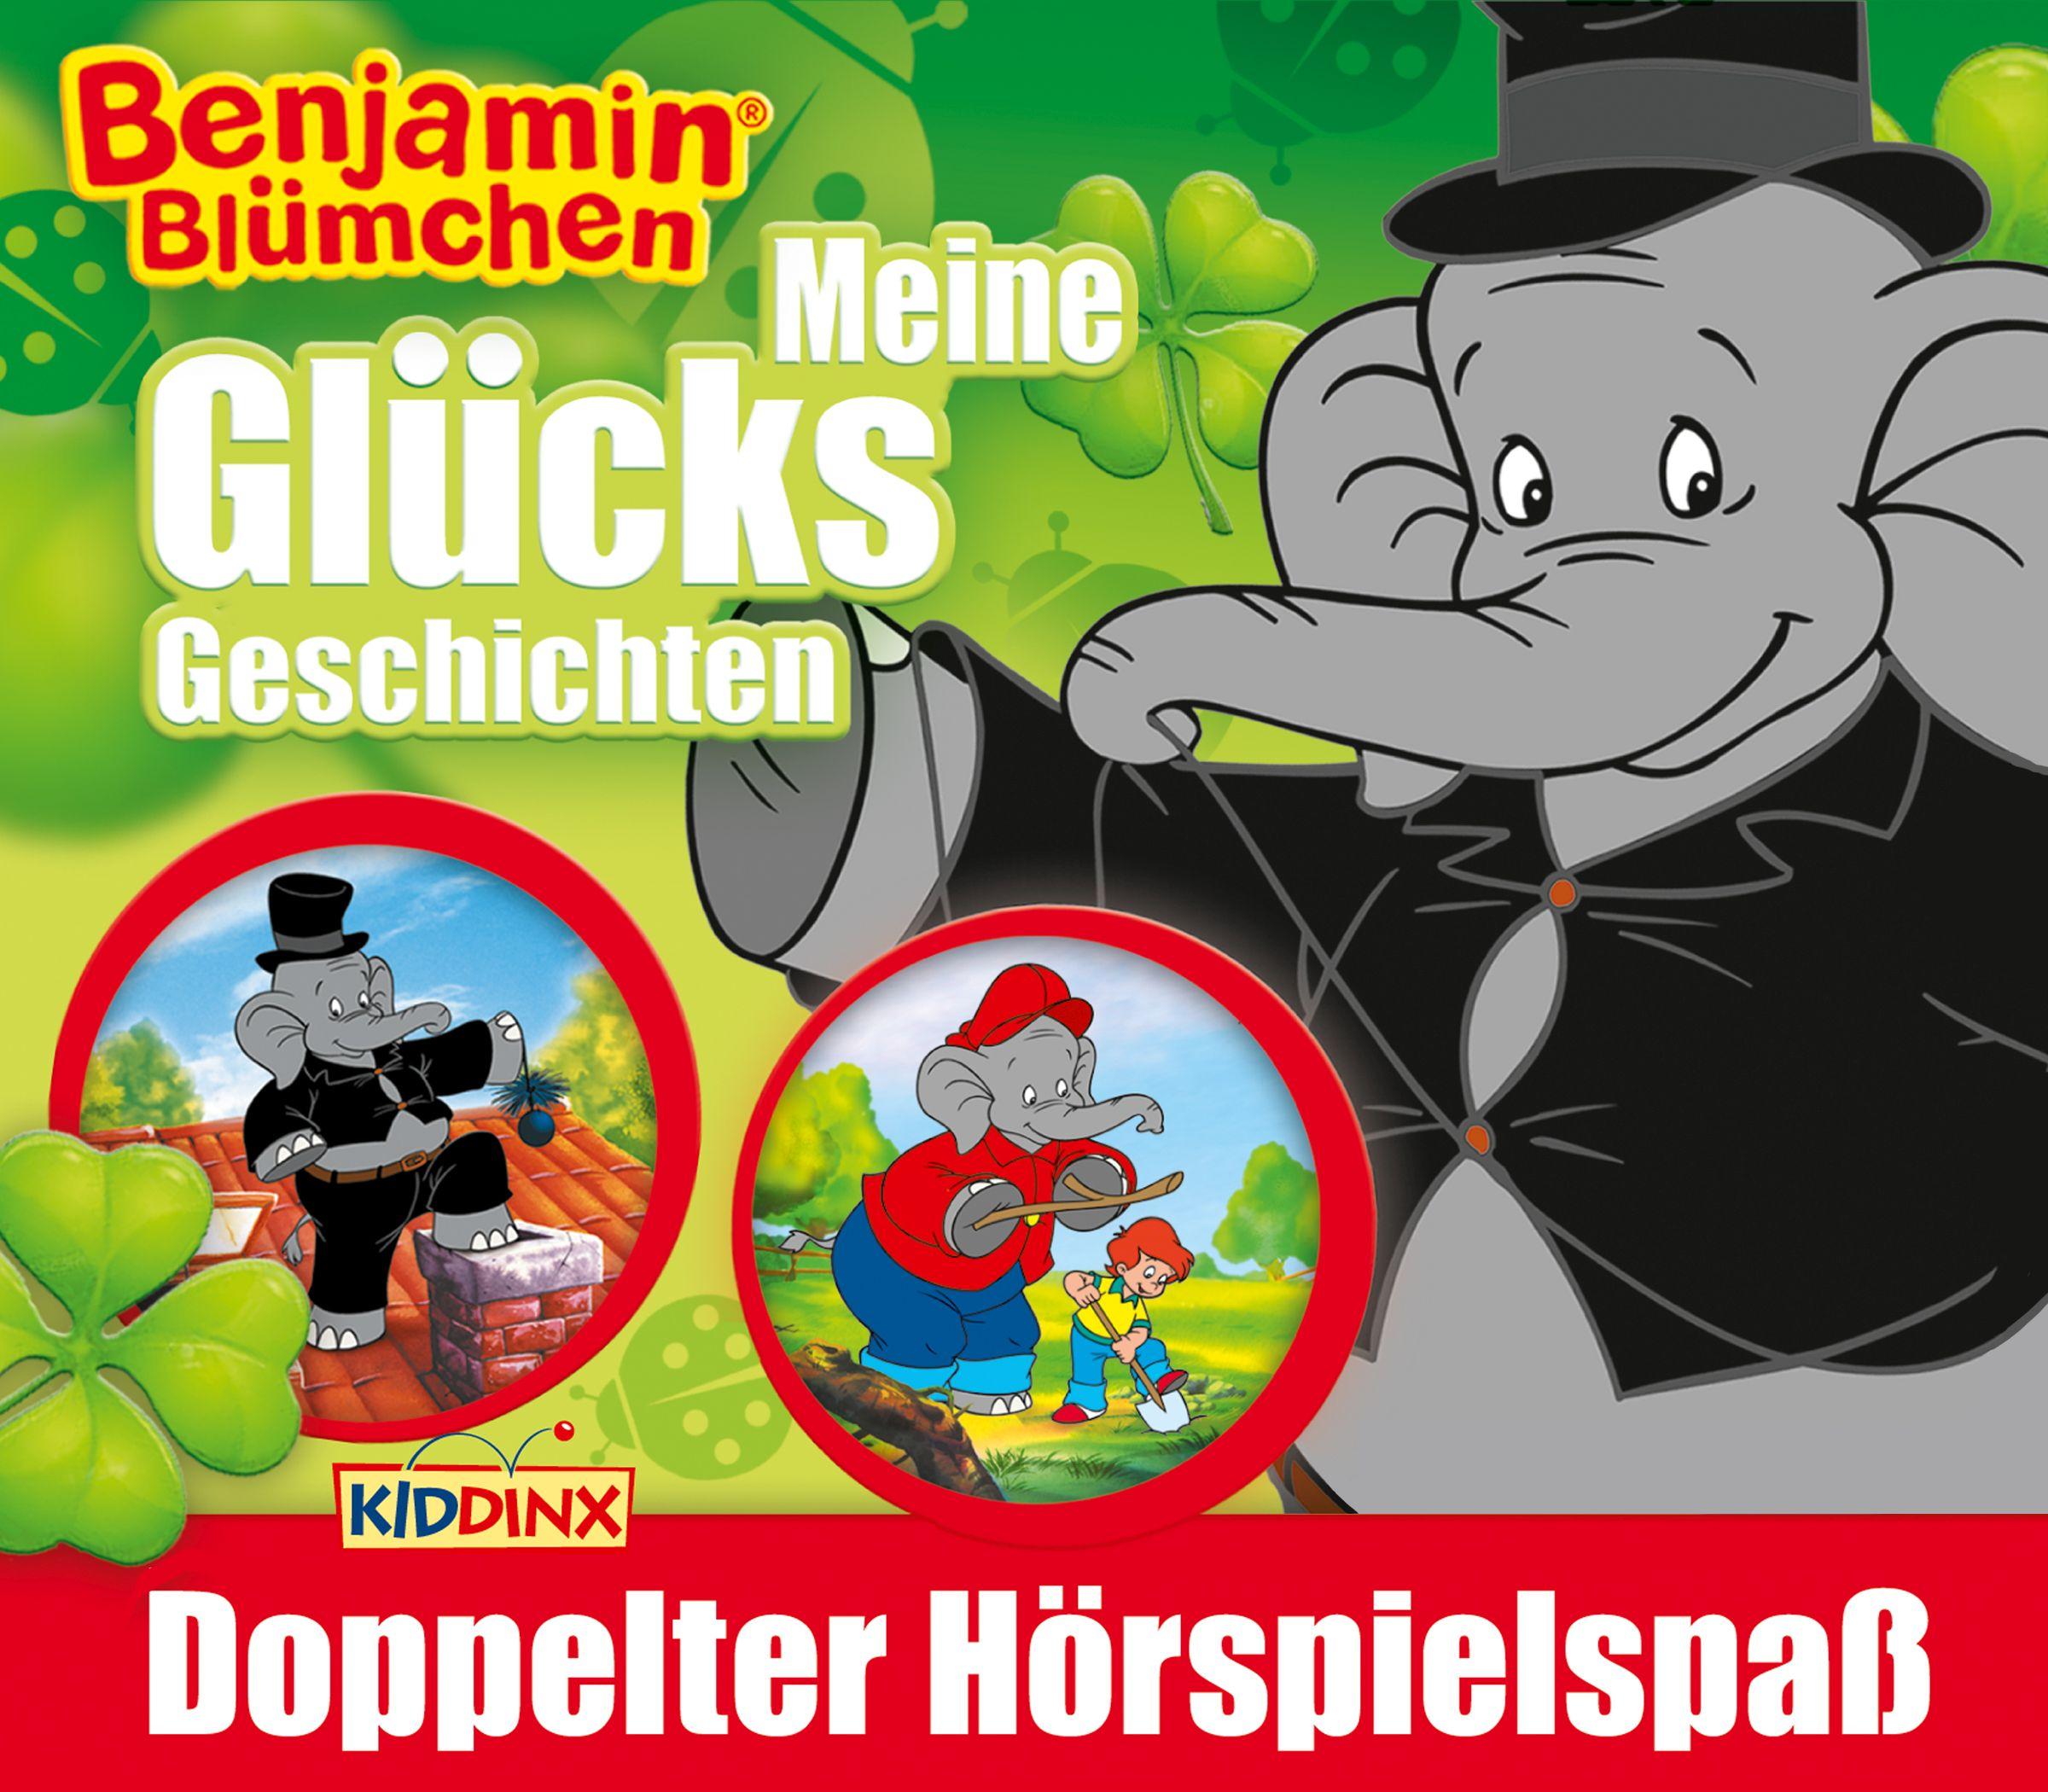 Benjamin Blümchen: 2er MP3-Box Glücks-Geschichten